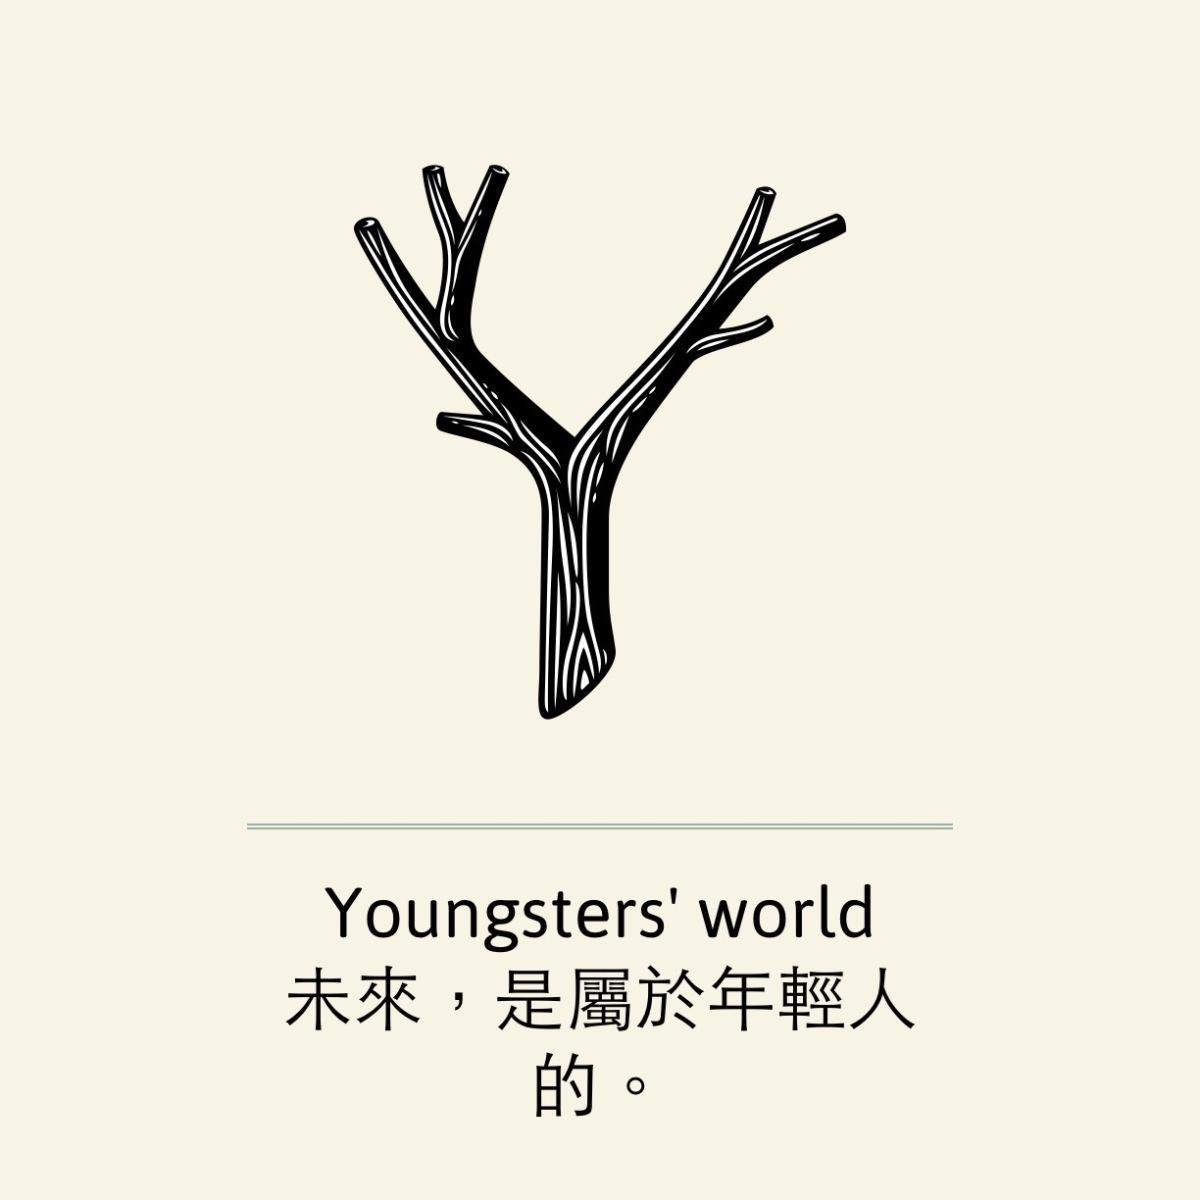 未來,是屬於年輕人的。